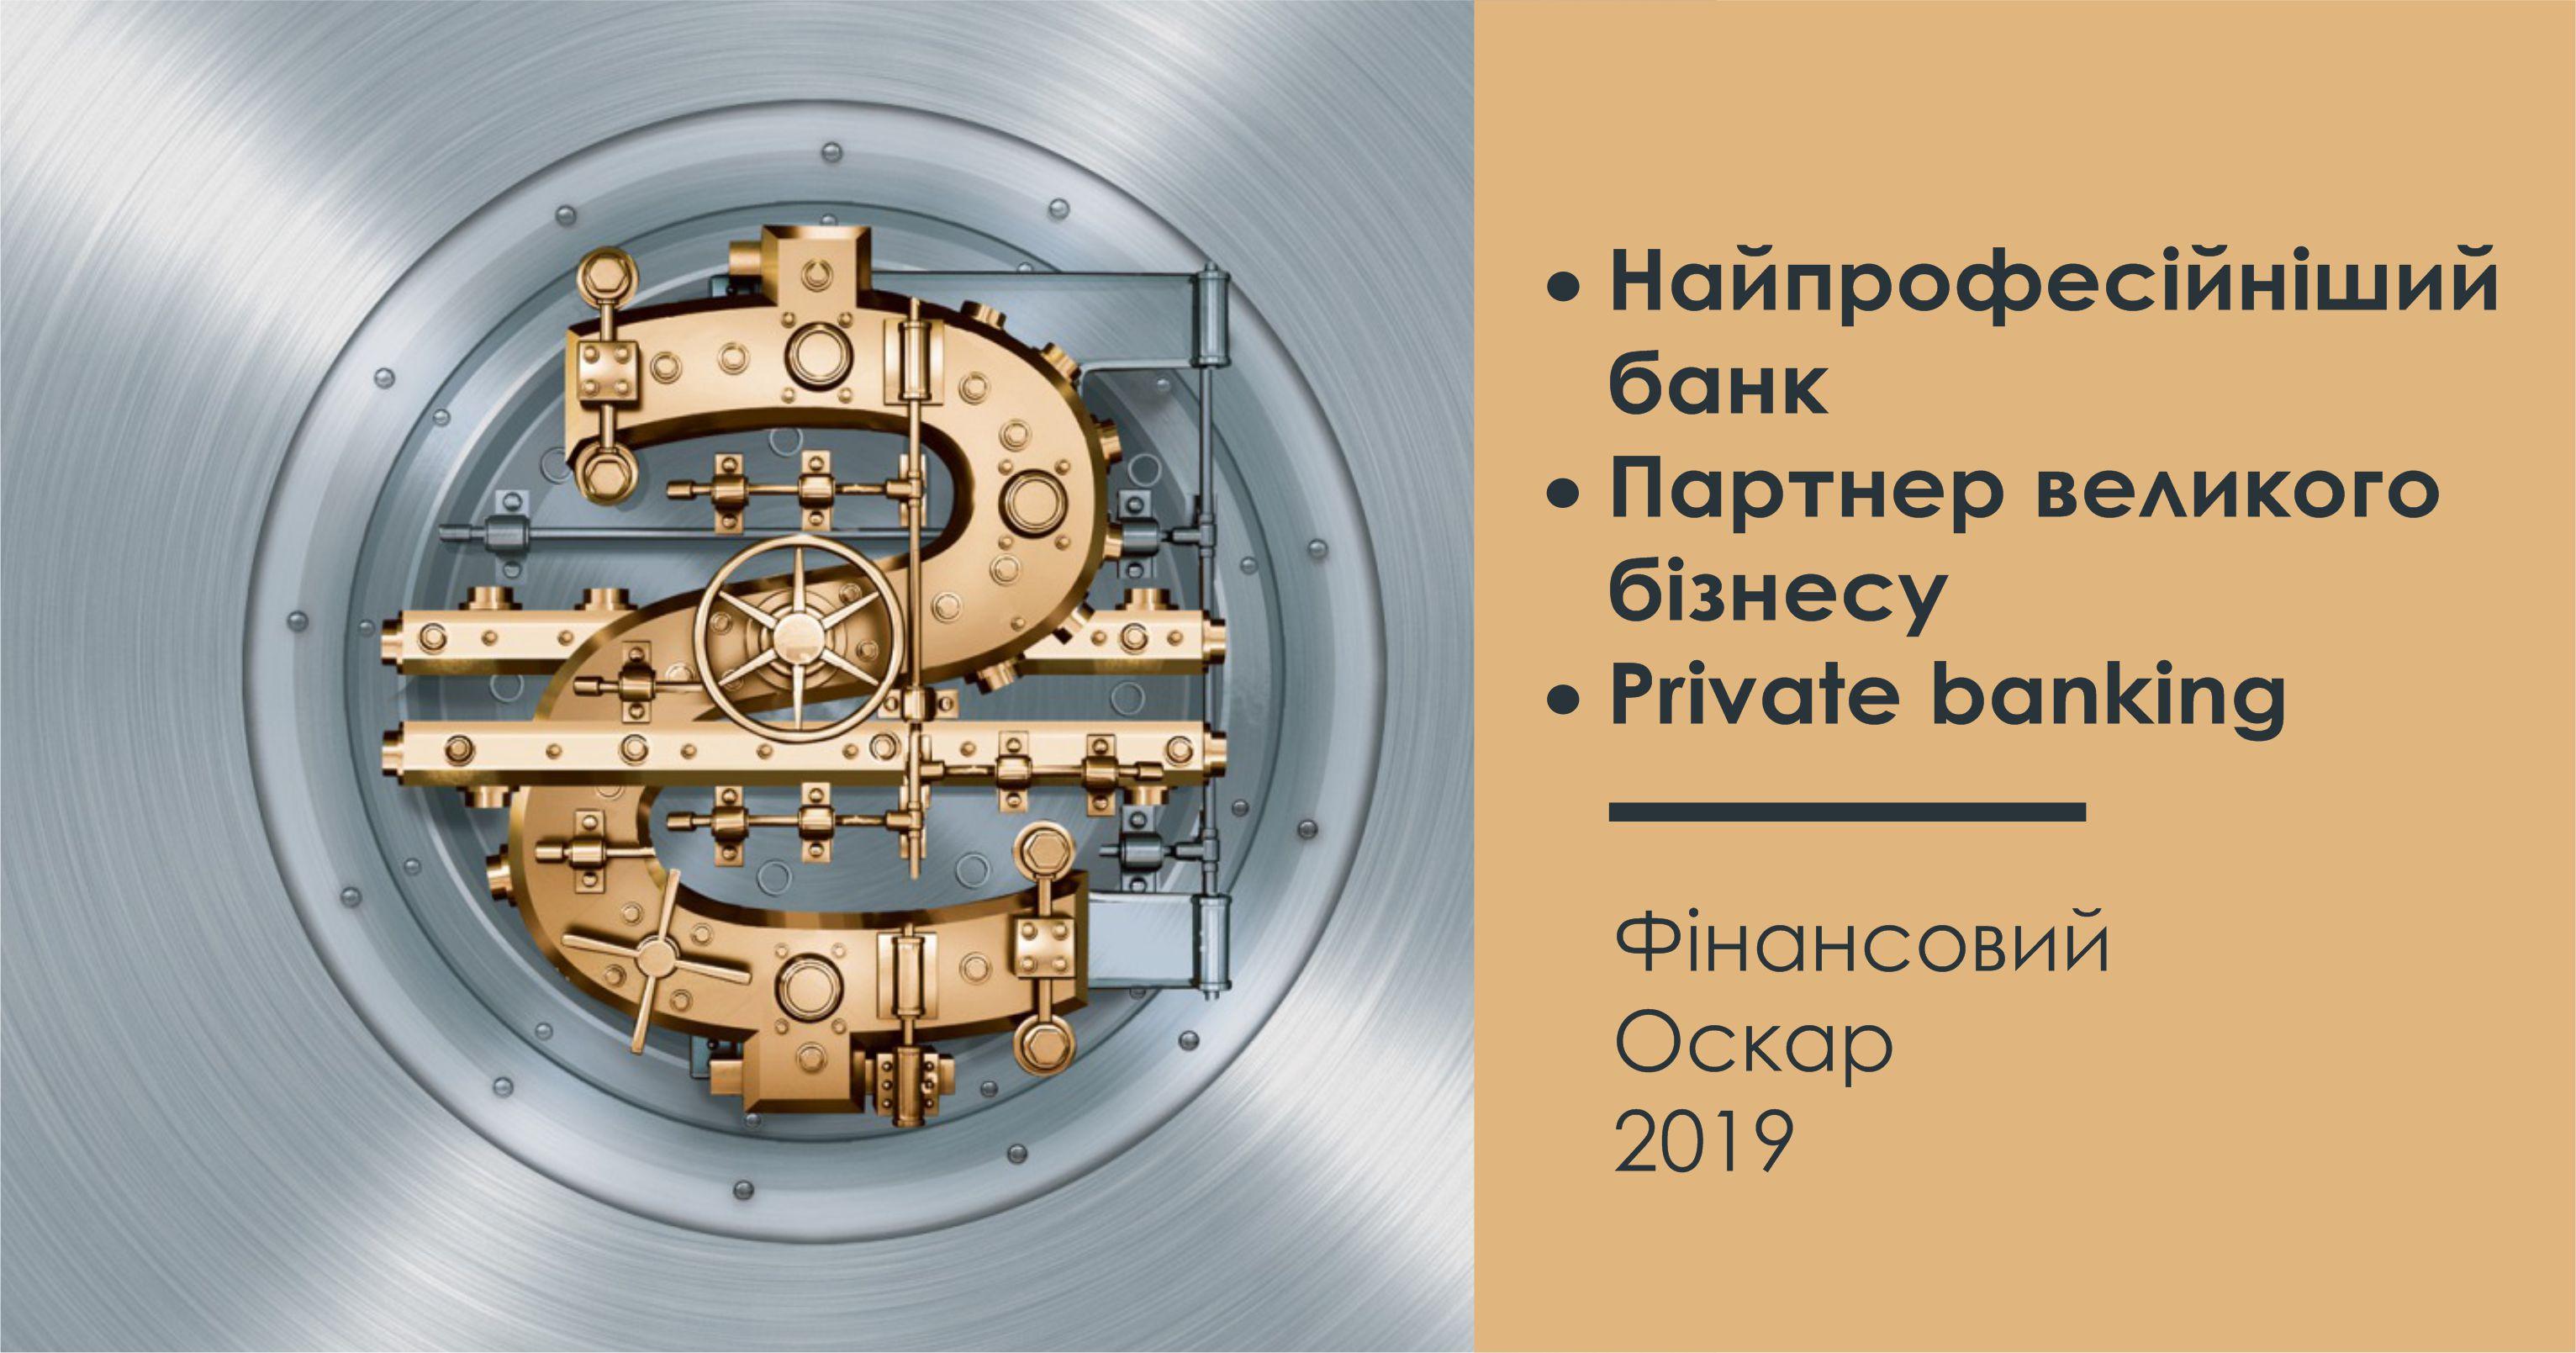 ТАСКОМБАНК знову визнано найпрофесійнішим банком фінансового ринку України!